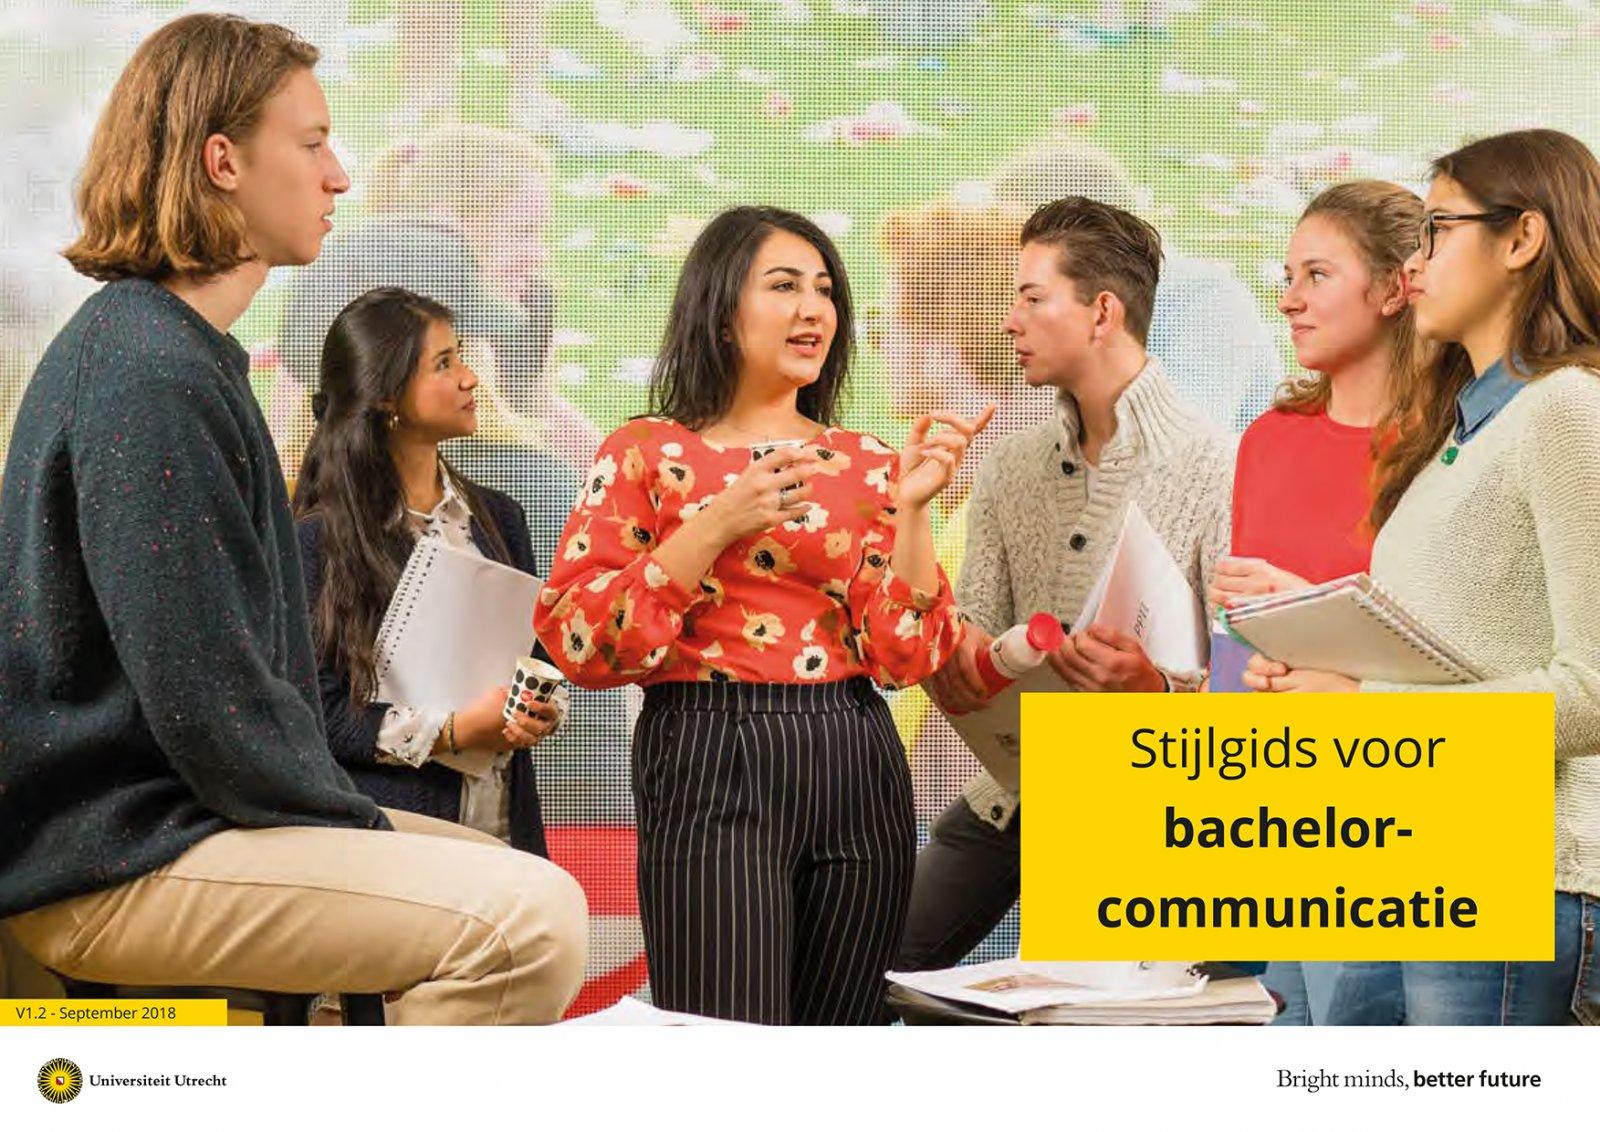 Bachelorcommunicatie stijlgids